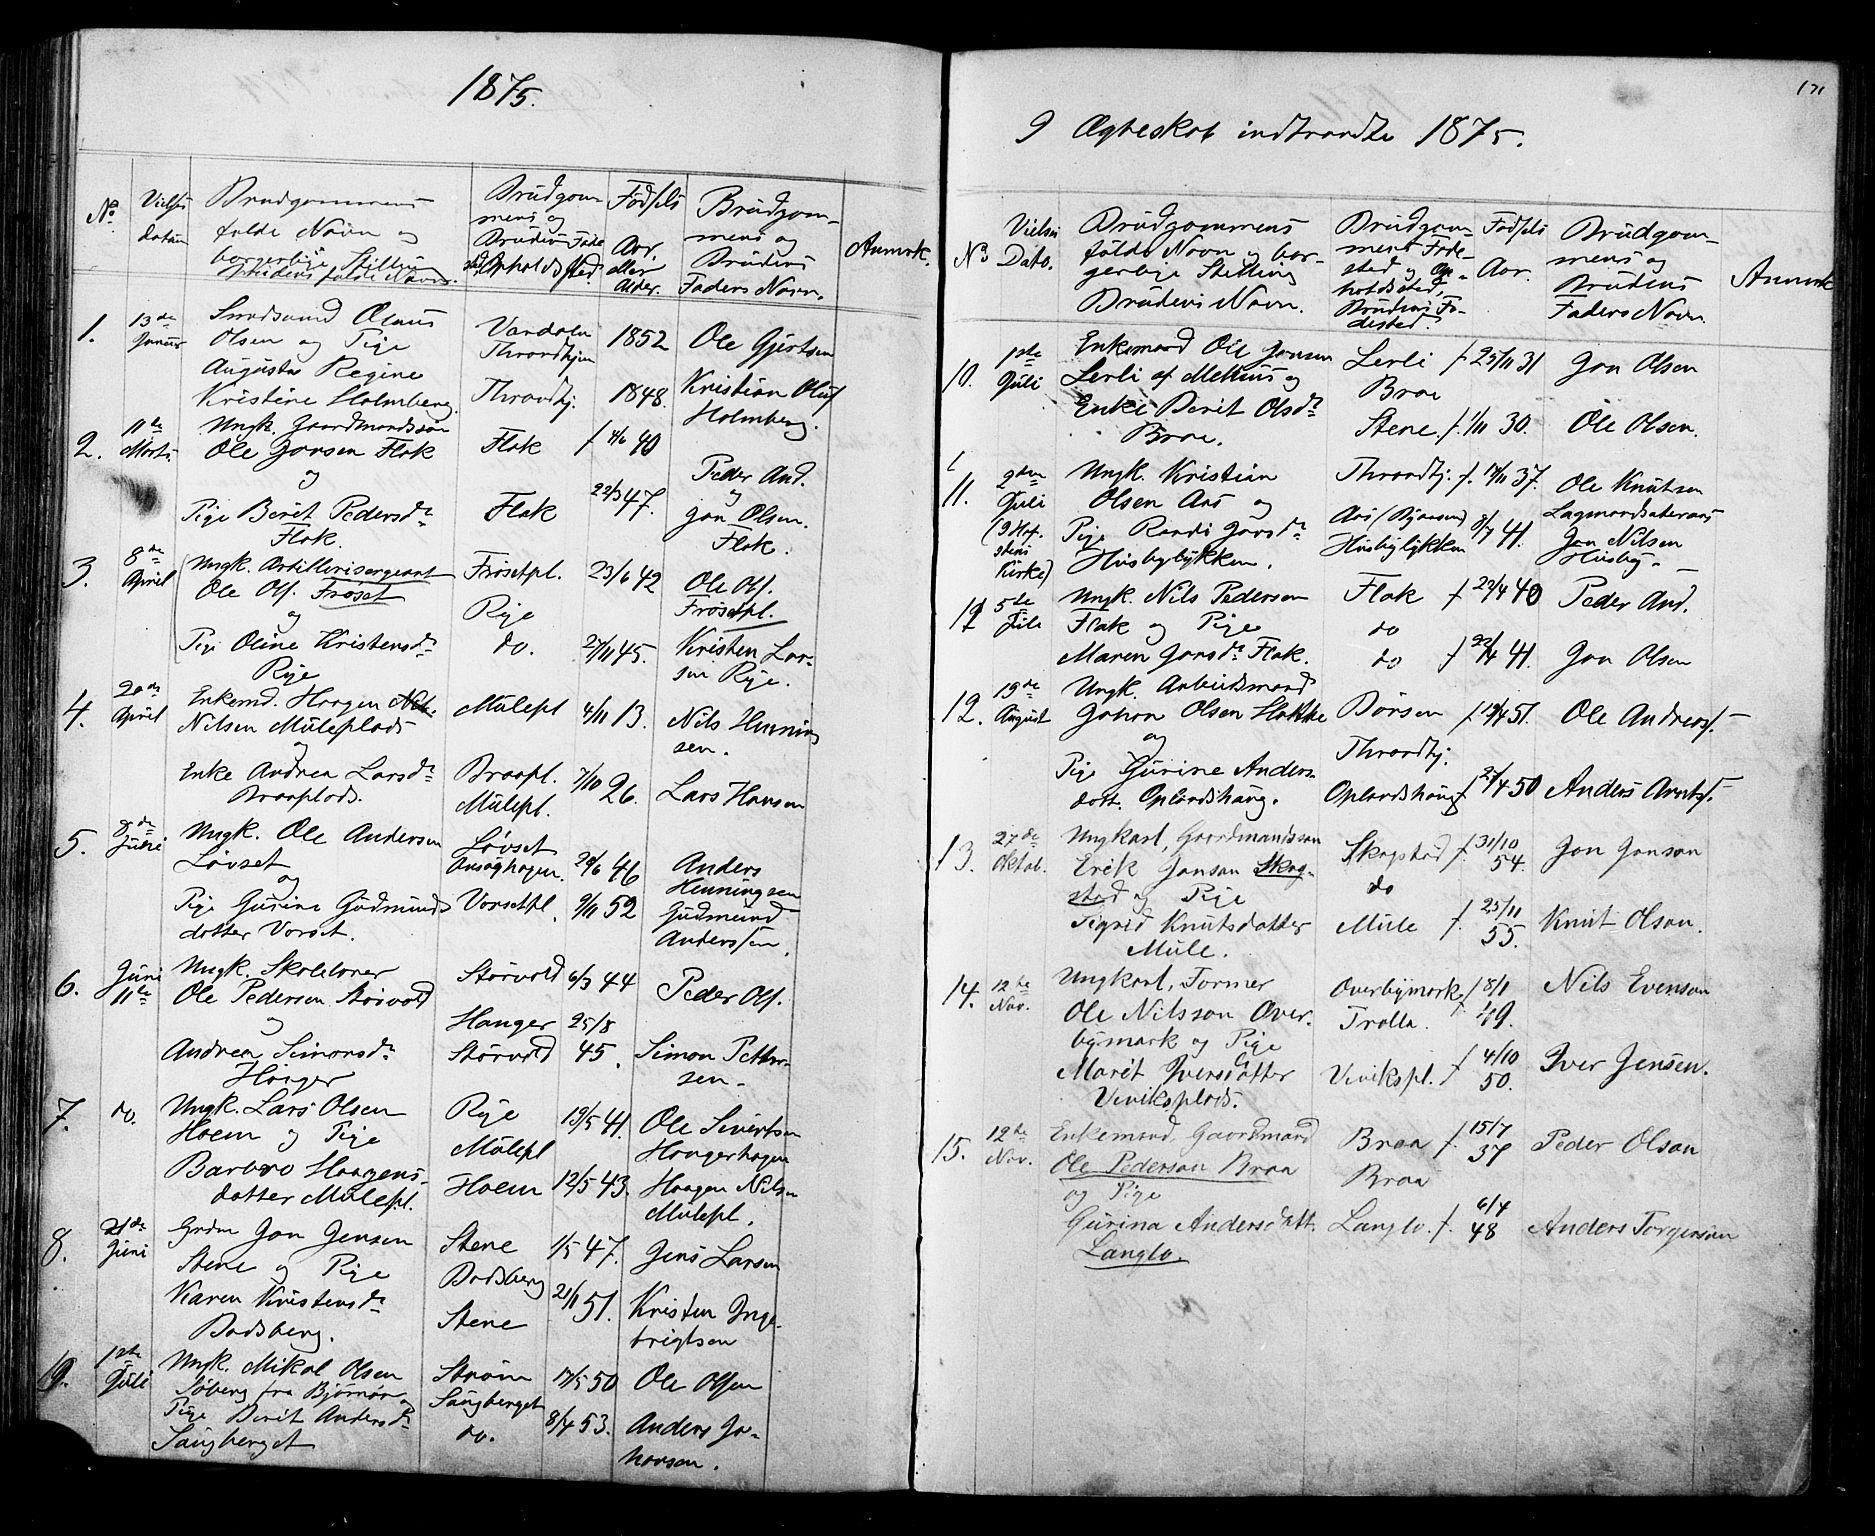 SAT, Ministerialprotokoller, klokkerbøker og fødselsregistre - Sør-Trøndelag, 612/L0387: Klokkerbok nr. 612C03, 1874-1908, s. 171